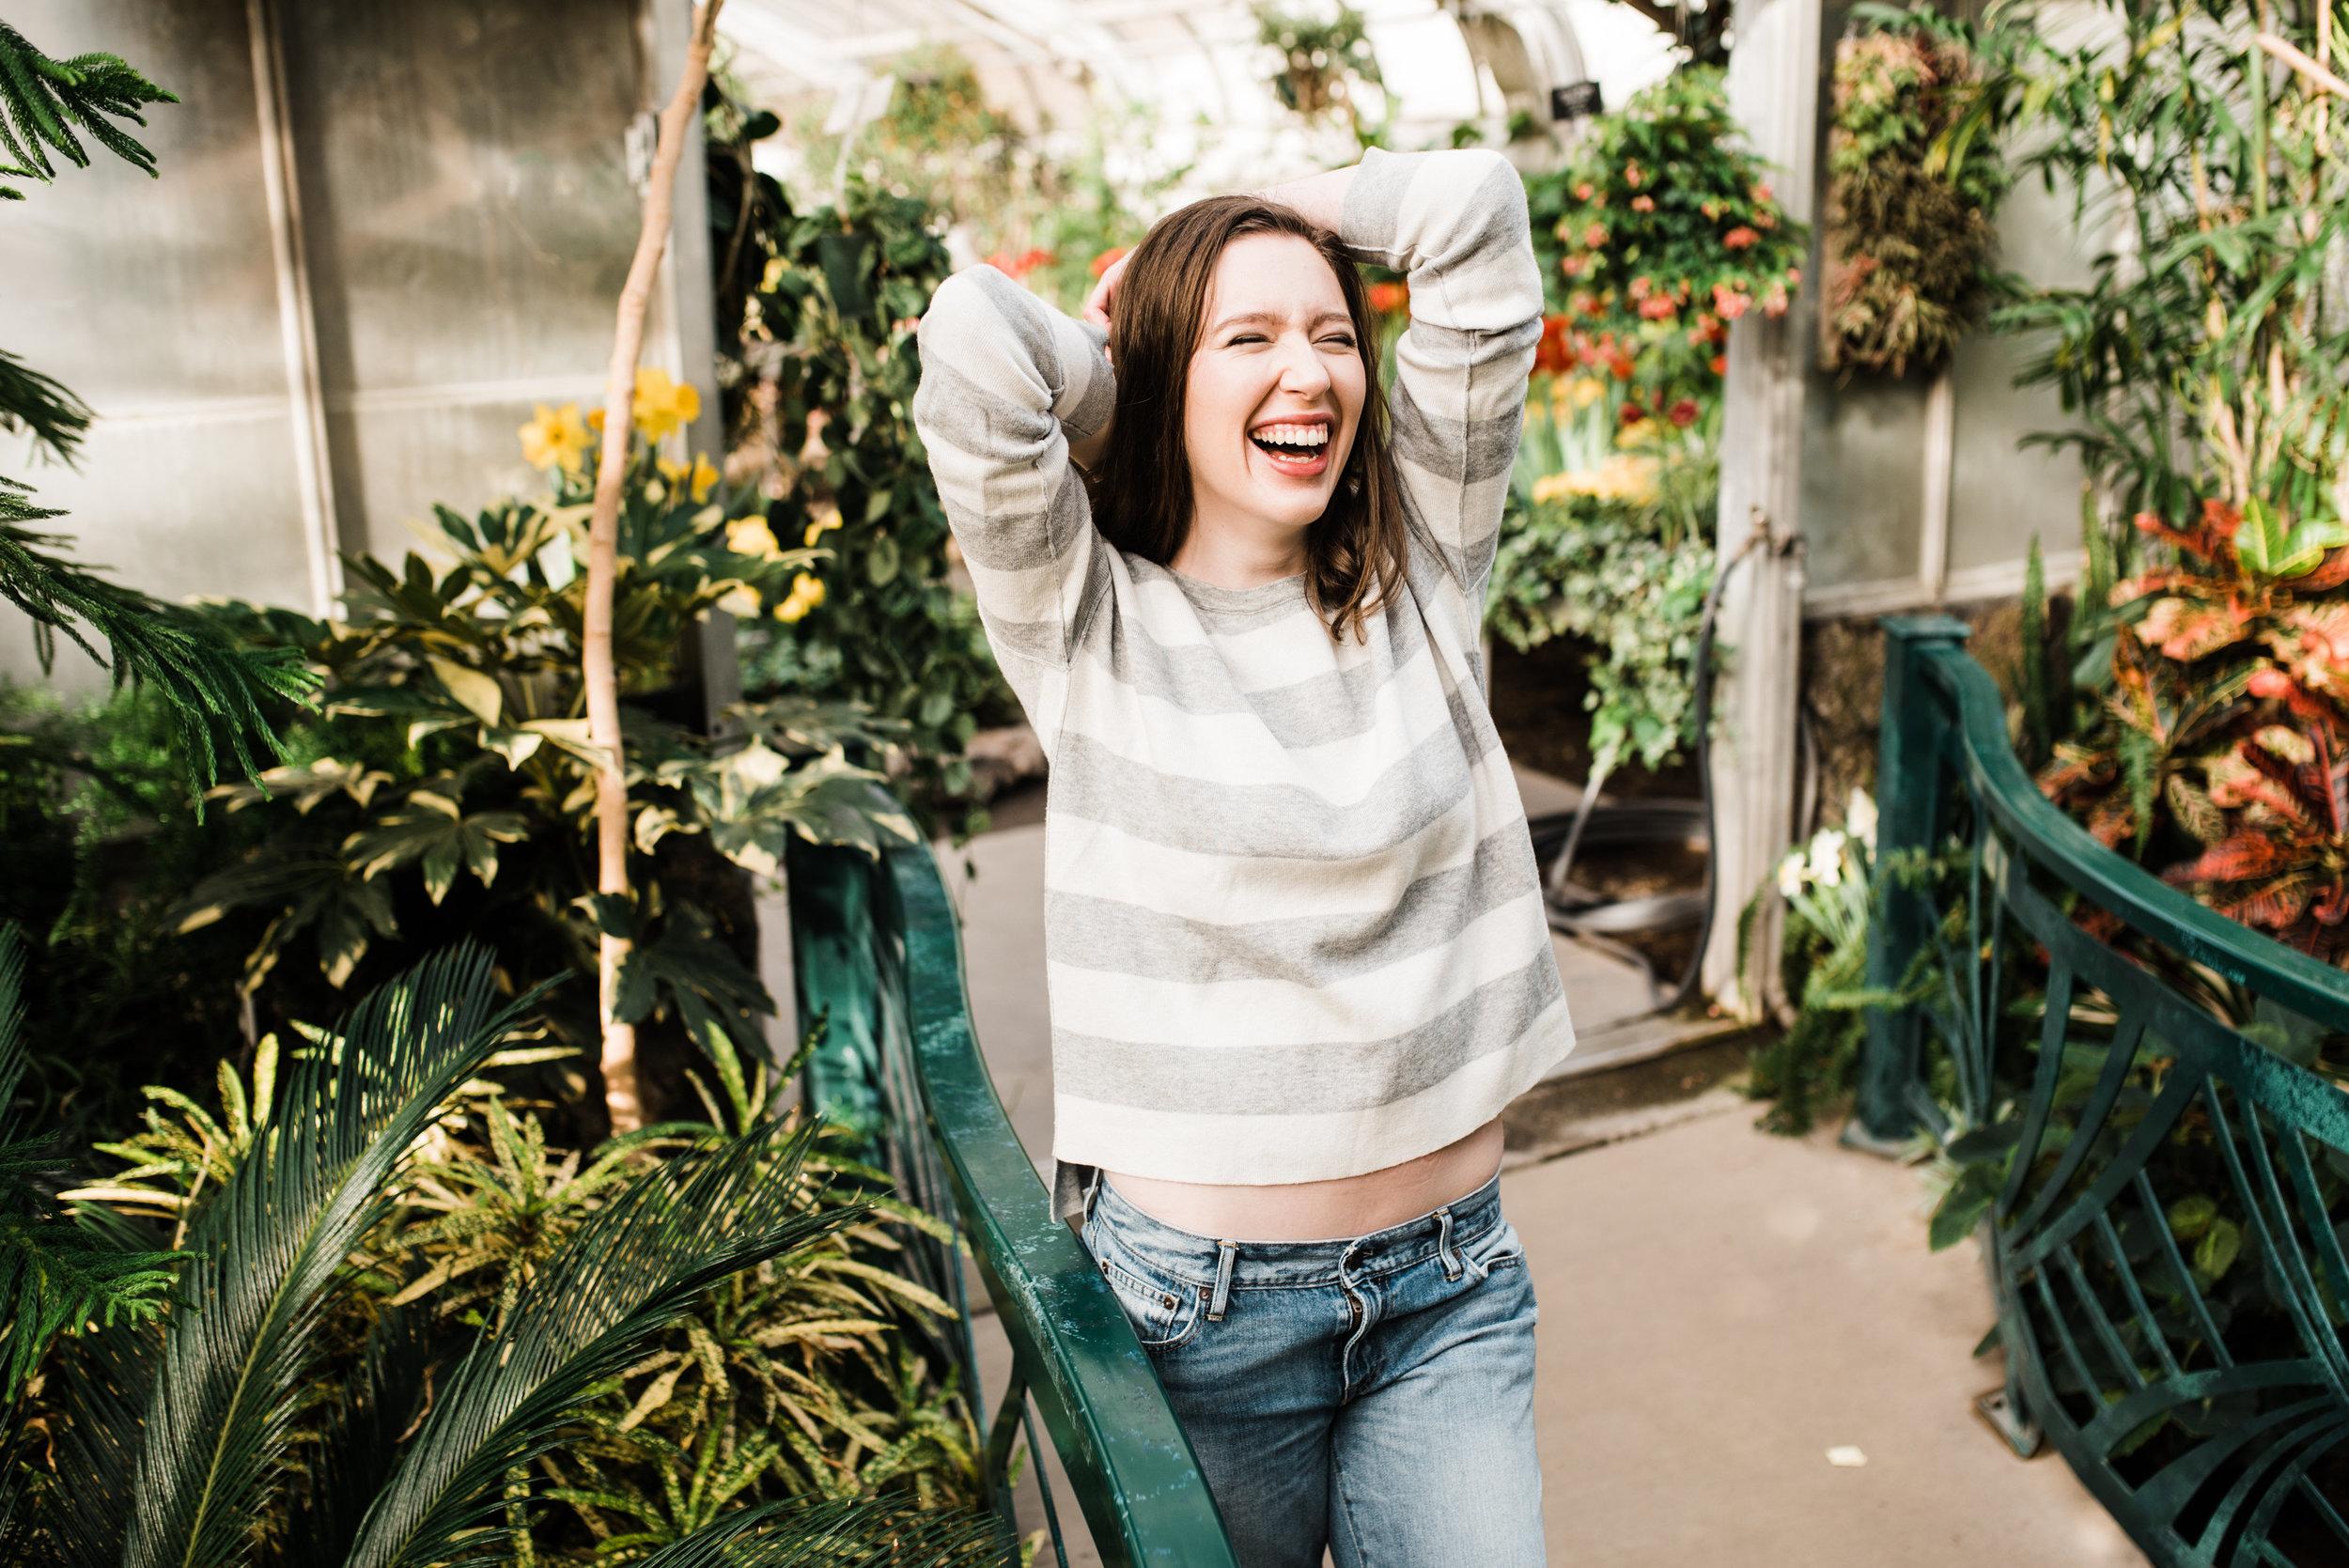 Eileen-Fisher-Reversible-Stripe-Sweater-Able-Boyfriend-Jean-6.jpg